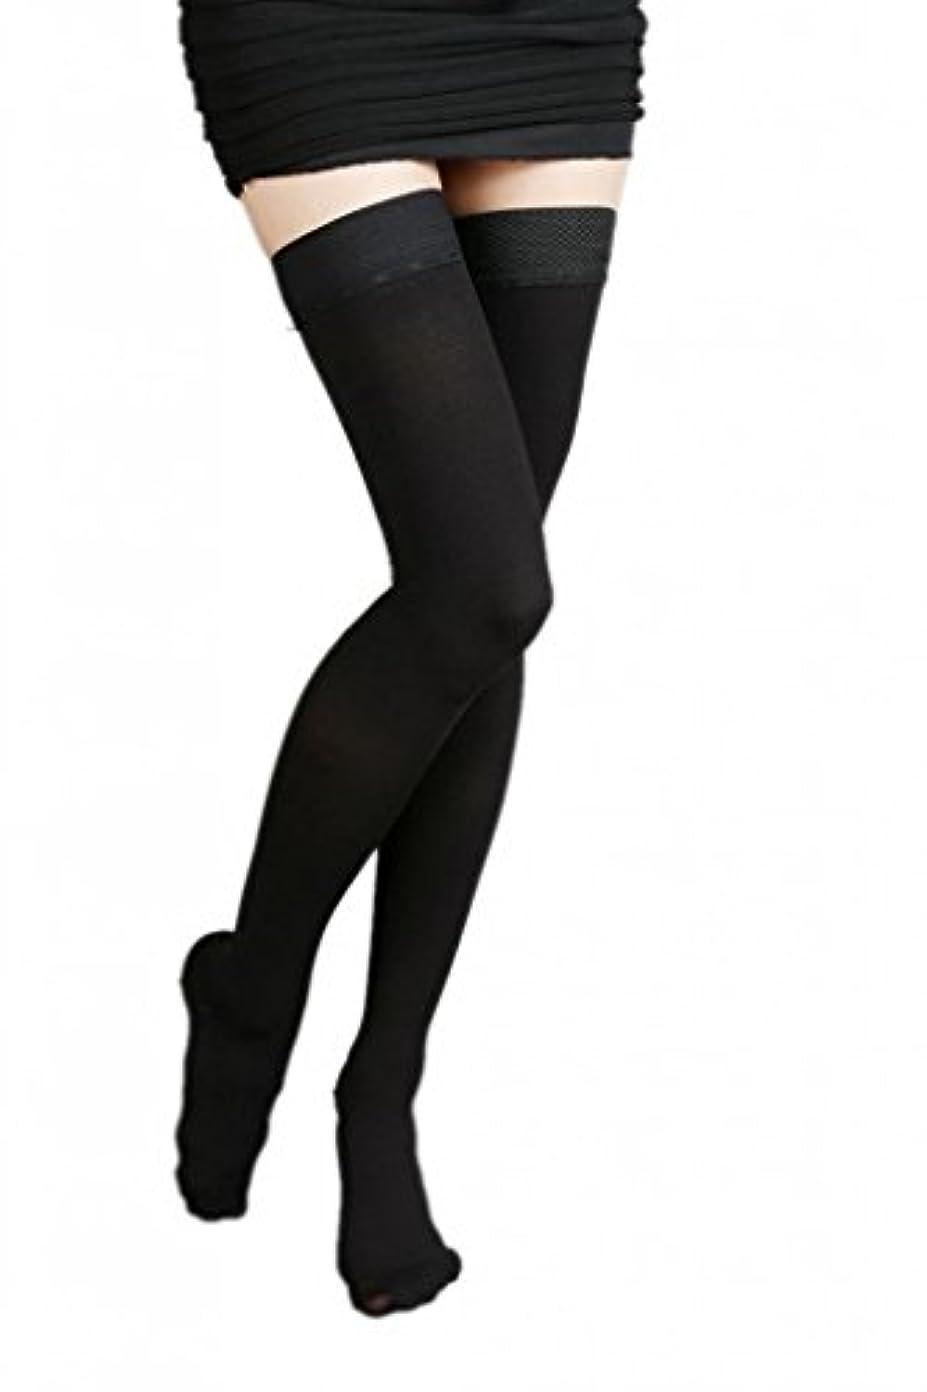 再び解明存在する(ラボーグ)La Vogue 美脚 着圧オーバーニーソックス ハイソックス 靴下 弾性ストッキング つま先あり着圧ソックス S 1級低圧 黒色